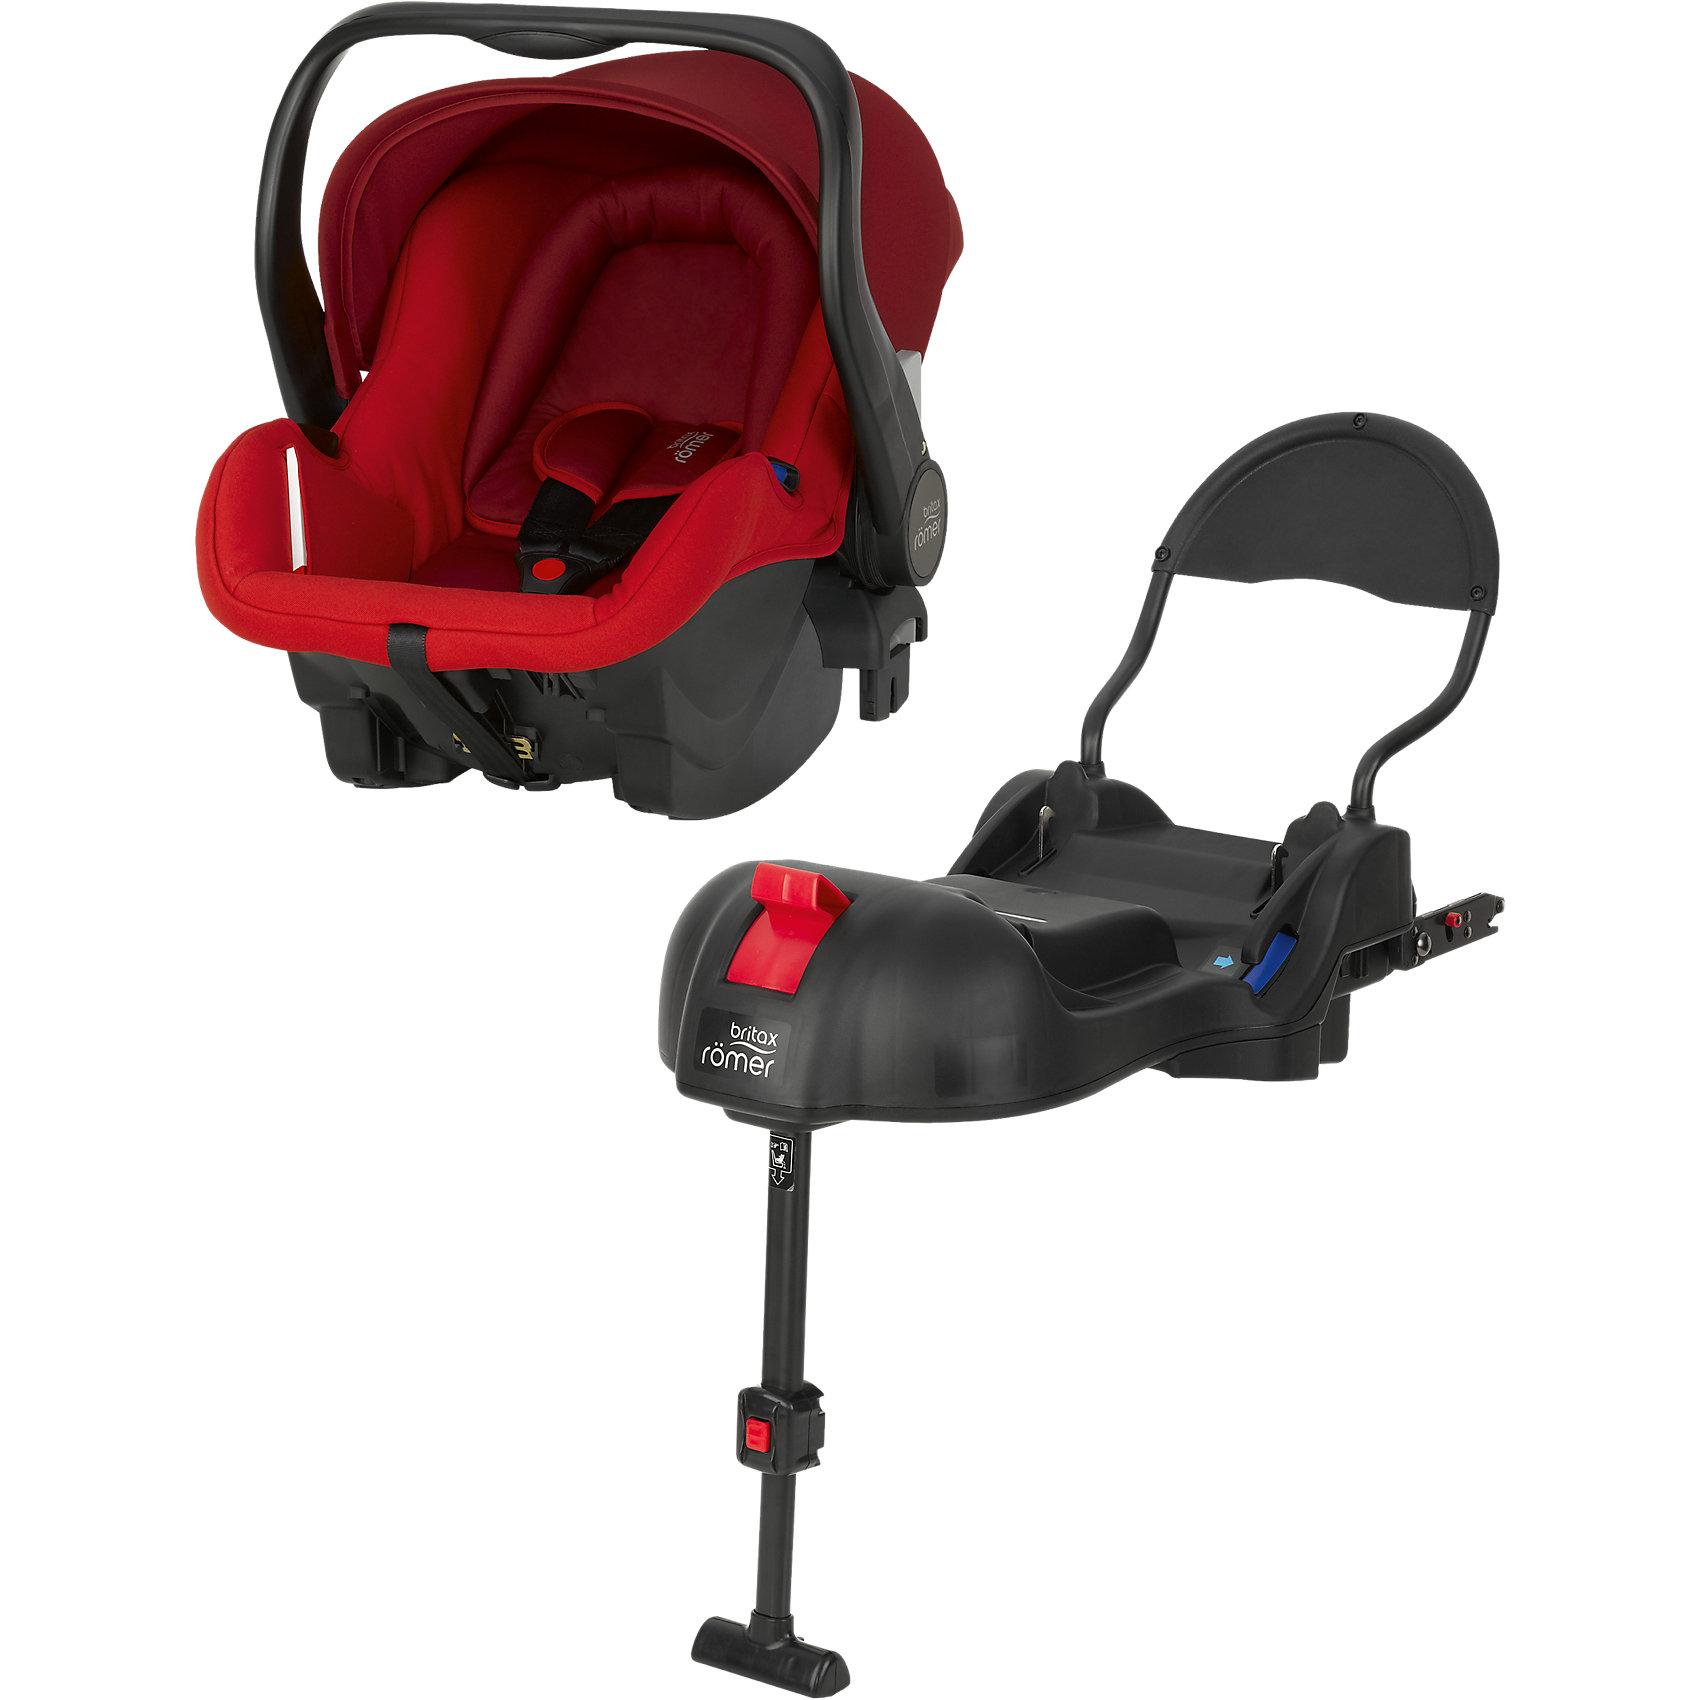 Автокресло Britax Romer PRIMO 0-13 кг, Flame Red Trendline + базаГруппа 0+ (До 13 кг)<br>Комплект: автолюлька для детей от 0 до 13 кг и база PRIMO. <br><br>Особенности автокресла Primo: <br>Внутренний 3-точечный ремень безопасности регулируется всего одним движением руки.<br>Специальный вкладыш для новорожденных, состоящий из 2 частей (подголовника с мягкими бортиками и подушки под спину), обеспечивает комфорт и безопасность во время сна. При необходимости вынимается, увеличивая свободное пространство внутри автокресла. Совместимость с детскими колясками BRITAX, оснащенными механизмом CLICK &amp; GO. Съемный капор для защиты от солнца и ветра с защитой от УФ-излучения 50+. Эргономичная ручка для переноски: для ношения и использования в авто; для укладывания ребенка; для надежной установки за пределами автомобиля. Быстросъемный моющийся чехол с мягкой подкладкой, не требующий расцепления ремня безопасности. Изогнутое основание для укачивания или кормления. Глубокие боковины с мягкой обивкой и плечевые накладки на внутренних ремнях для еще большего комфорта ребенка. Быстрая и простая установка с помощью 3-точечного ремня безопасности автомобиля или специальной базы PRIMO. Вес: 4,7 кг. Габариты: 66 - 82 х 32,5 х 70 см<br>Особенности базы Primo:<br>Легко регулируемая опора придает дополнительную устойчивость конструкции. Цветовые индикаторы информируют о надежном креплении детского кресла и правильном размещении опоры. Пластина против отскока оптимизирует защитное действие в критической ситуации. Легко складывается для дальнейшего хранения, не занимая много места. База может оставаться в автомобиле. Продается только в комплекте с автолюлькой PRIMO. Крепление с помощью ремня и Isofix.<br><br>Ширина мм: 750<br>Глубина мм: 480<br>Высота мм: 450<br>Вес г: 12274<br>Цвет: красный<br>Возраст от месяцев: 0<br>Возраст до месяцев: 12<br>Пол: Женский<br>Возраст: Детский<br>SKU: 4292288